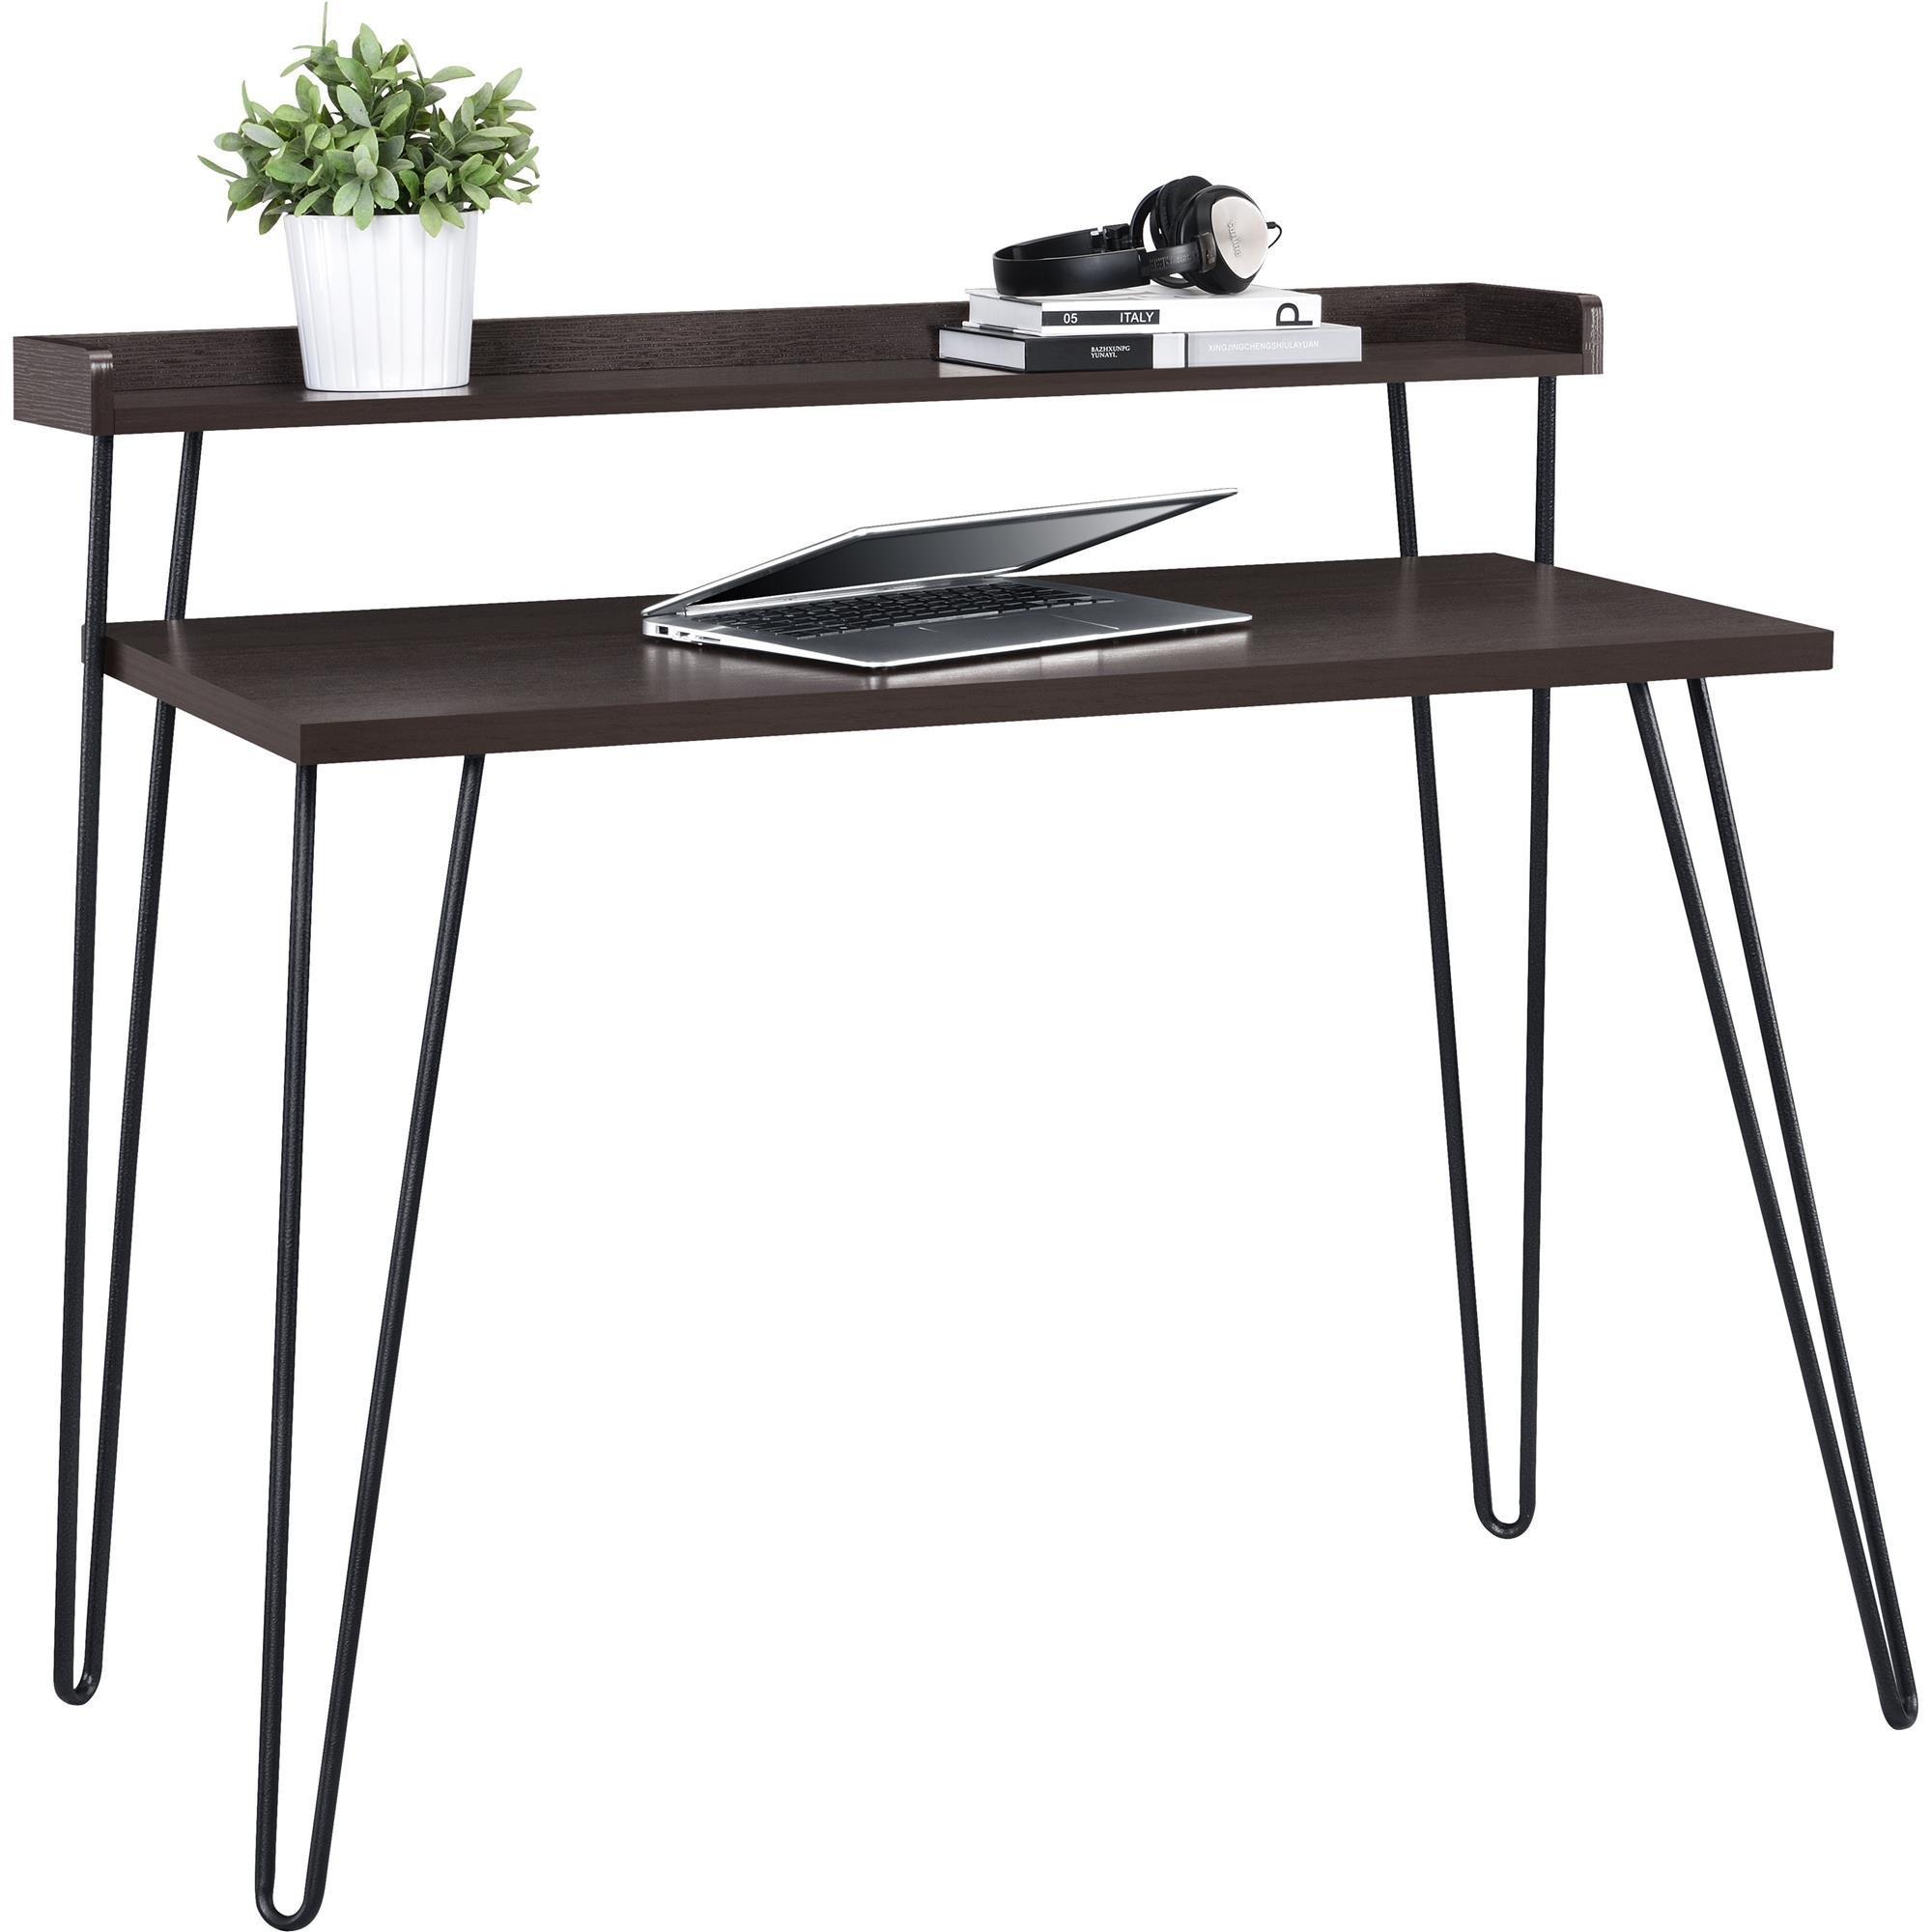 altra furniture haven retro desk with riser espresso gunmetal gray 689719691169 ebay. Black Bedroom Furniture Sets. Home Design Ideas